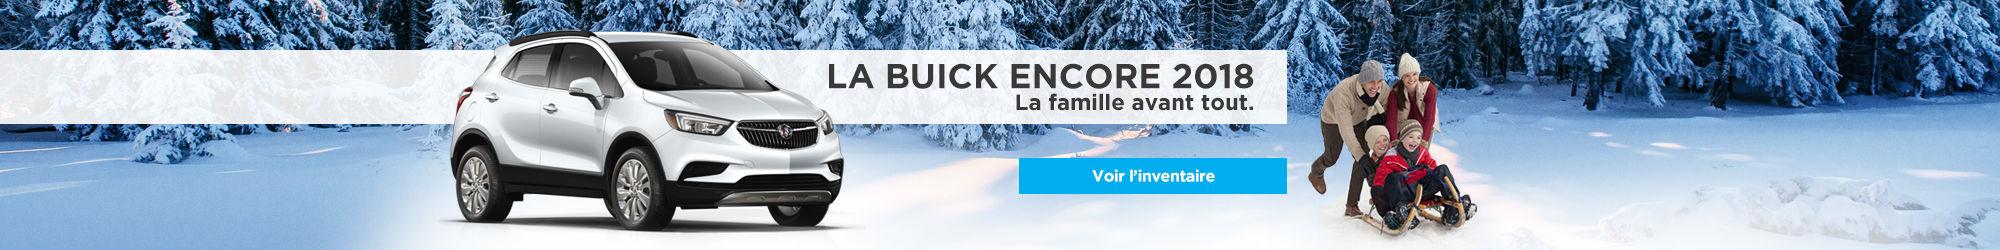 Buick Encore 2018 (Décembre)